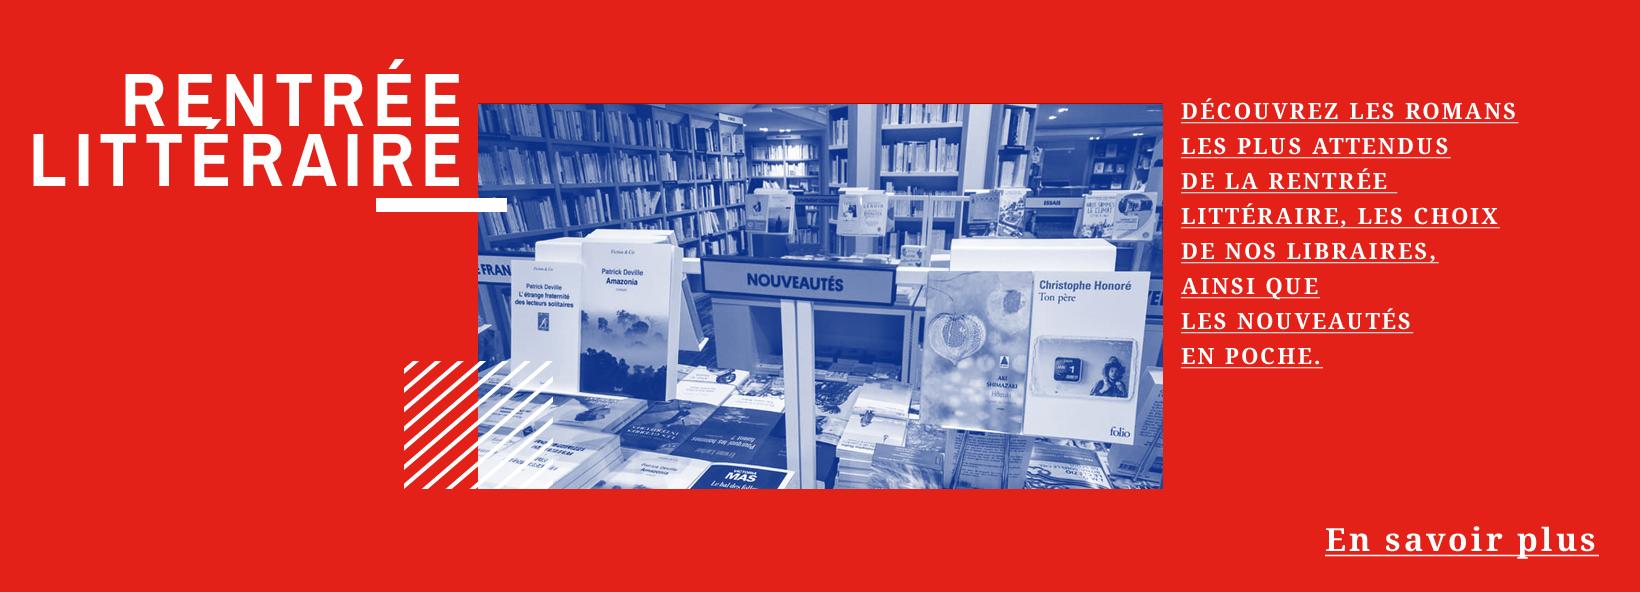 Rentrée littéraire 2019 à la librairie de Paris